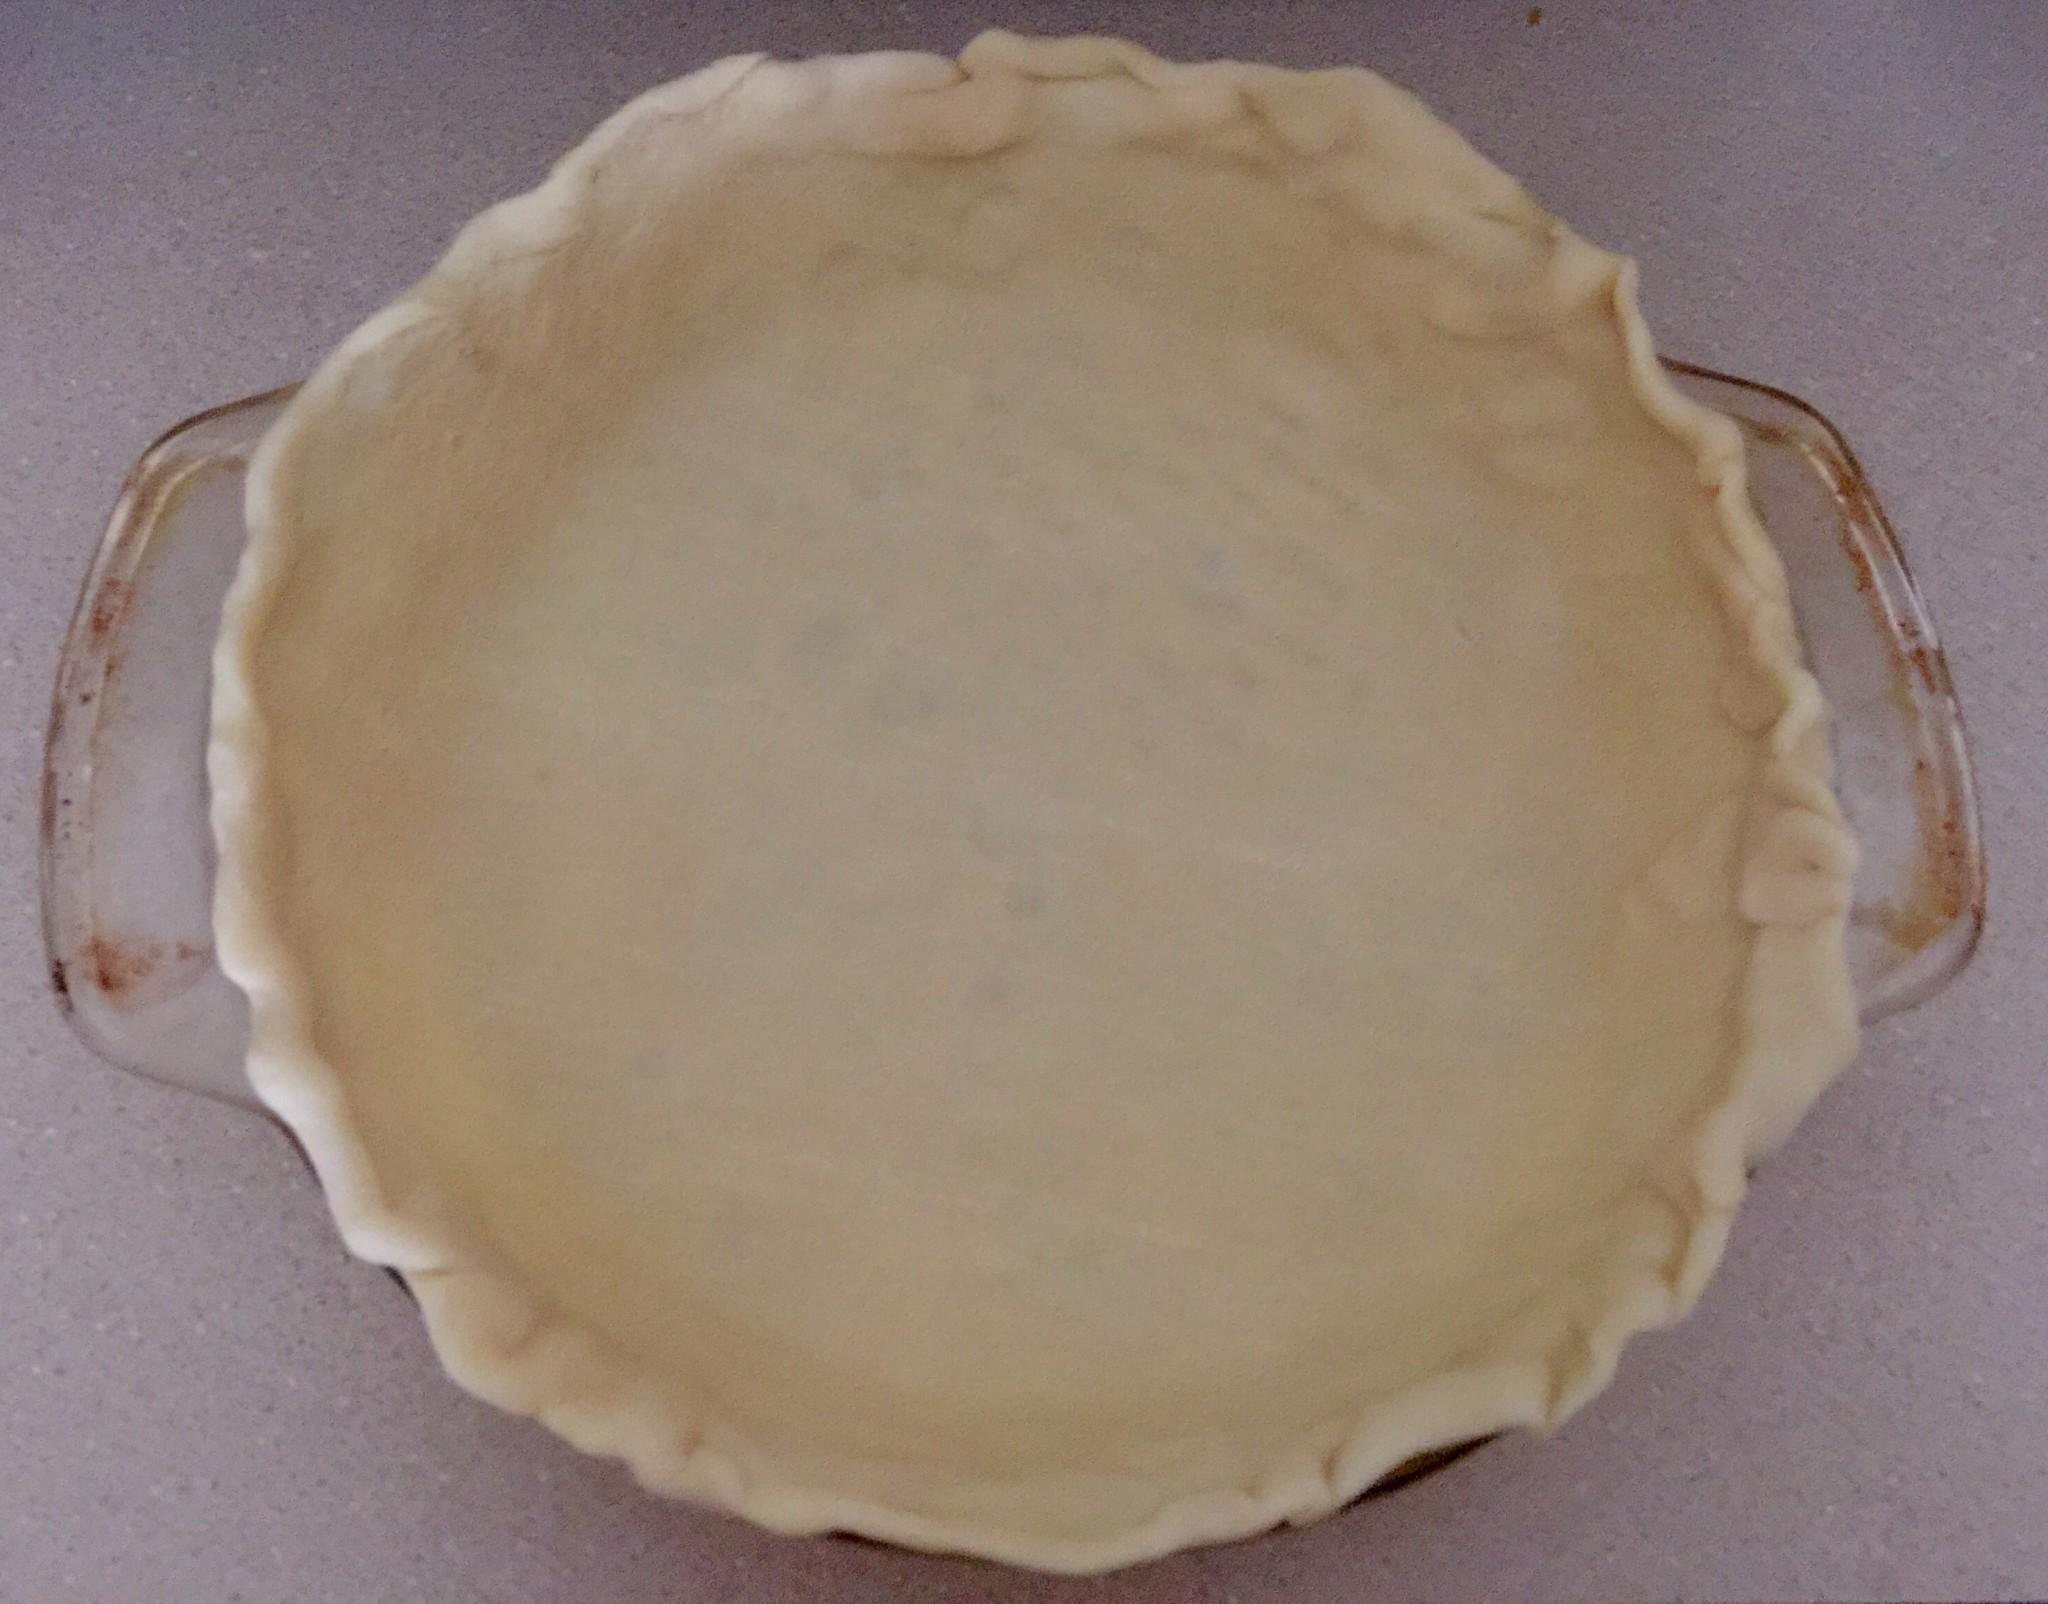 Empty Pie Crust